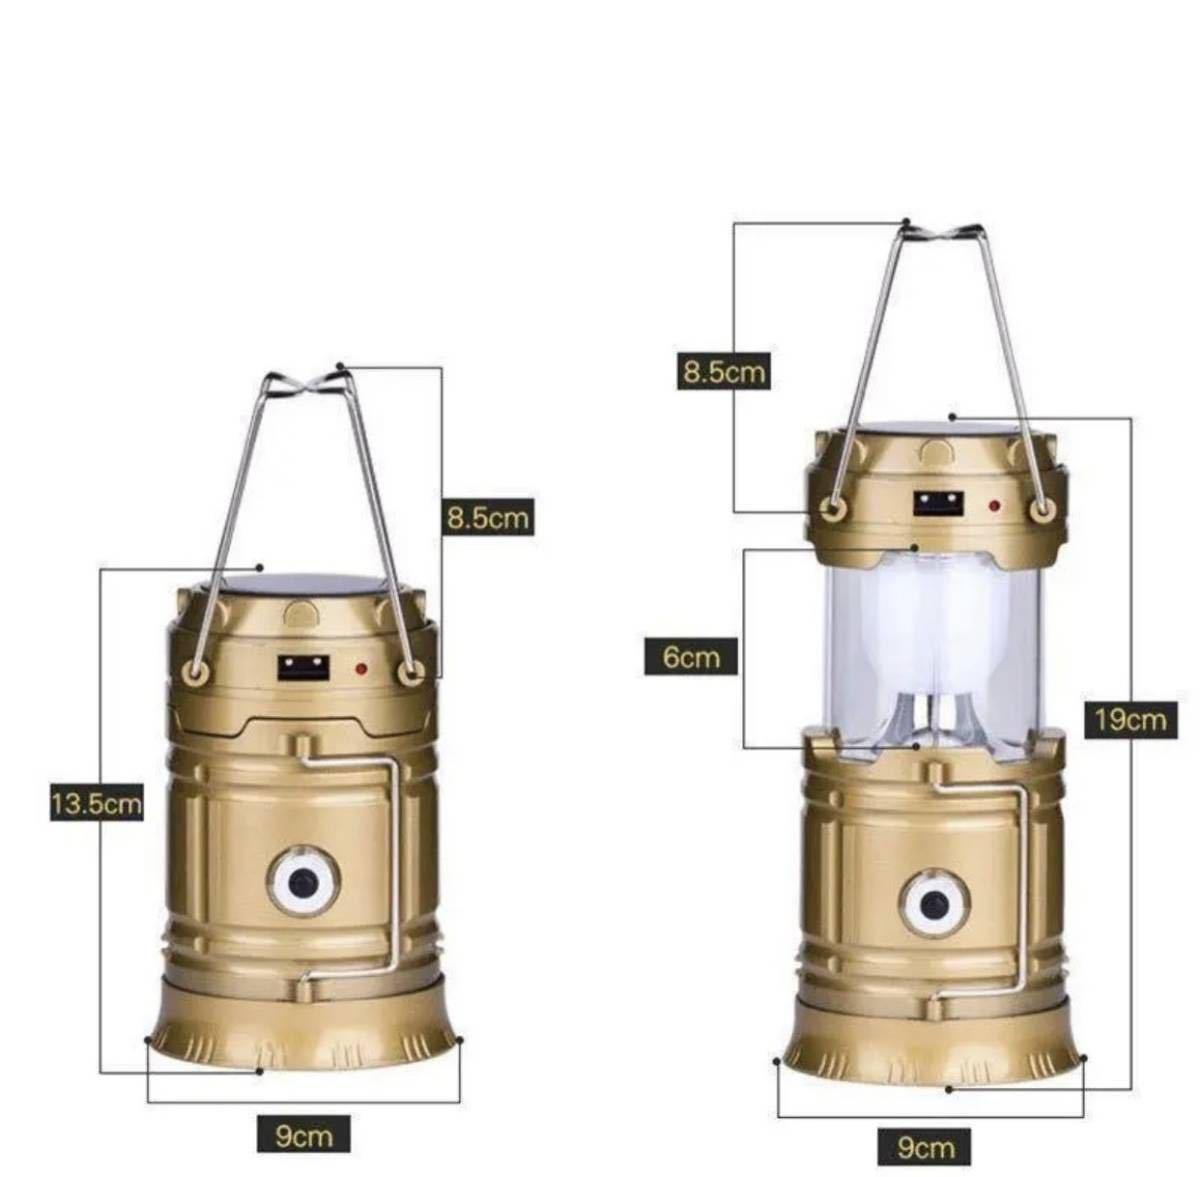 【2個セット】(ゴールド) LEDランタン 懐中電灯 ソーラーパネル搭載 usb充電式 2in1給電方法 防災 携帯式